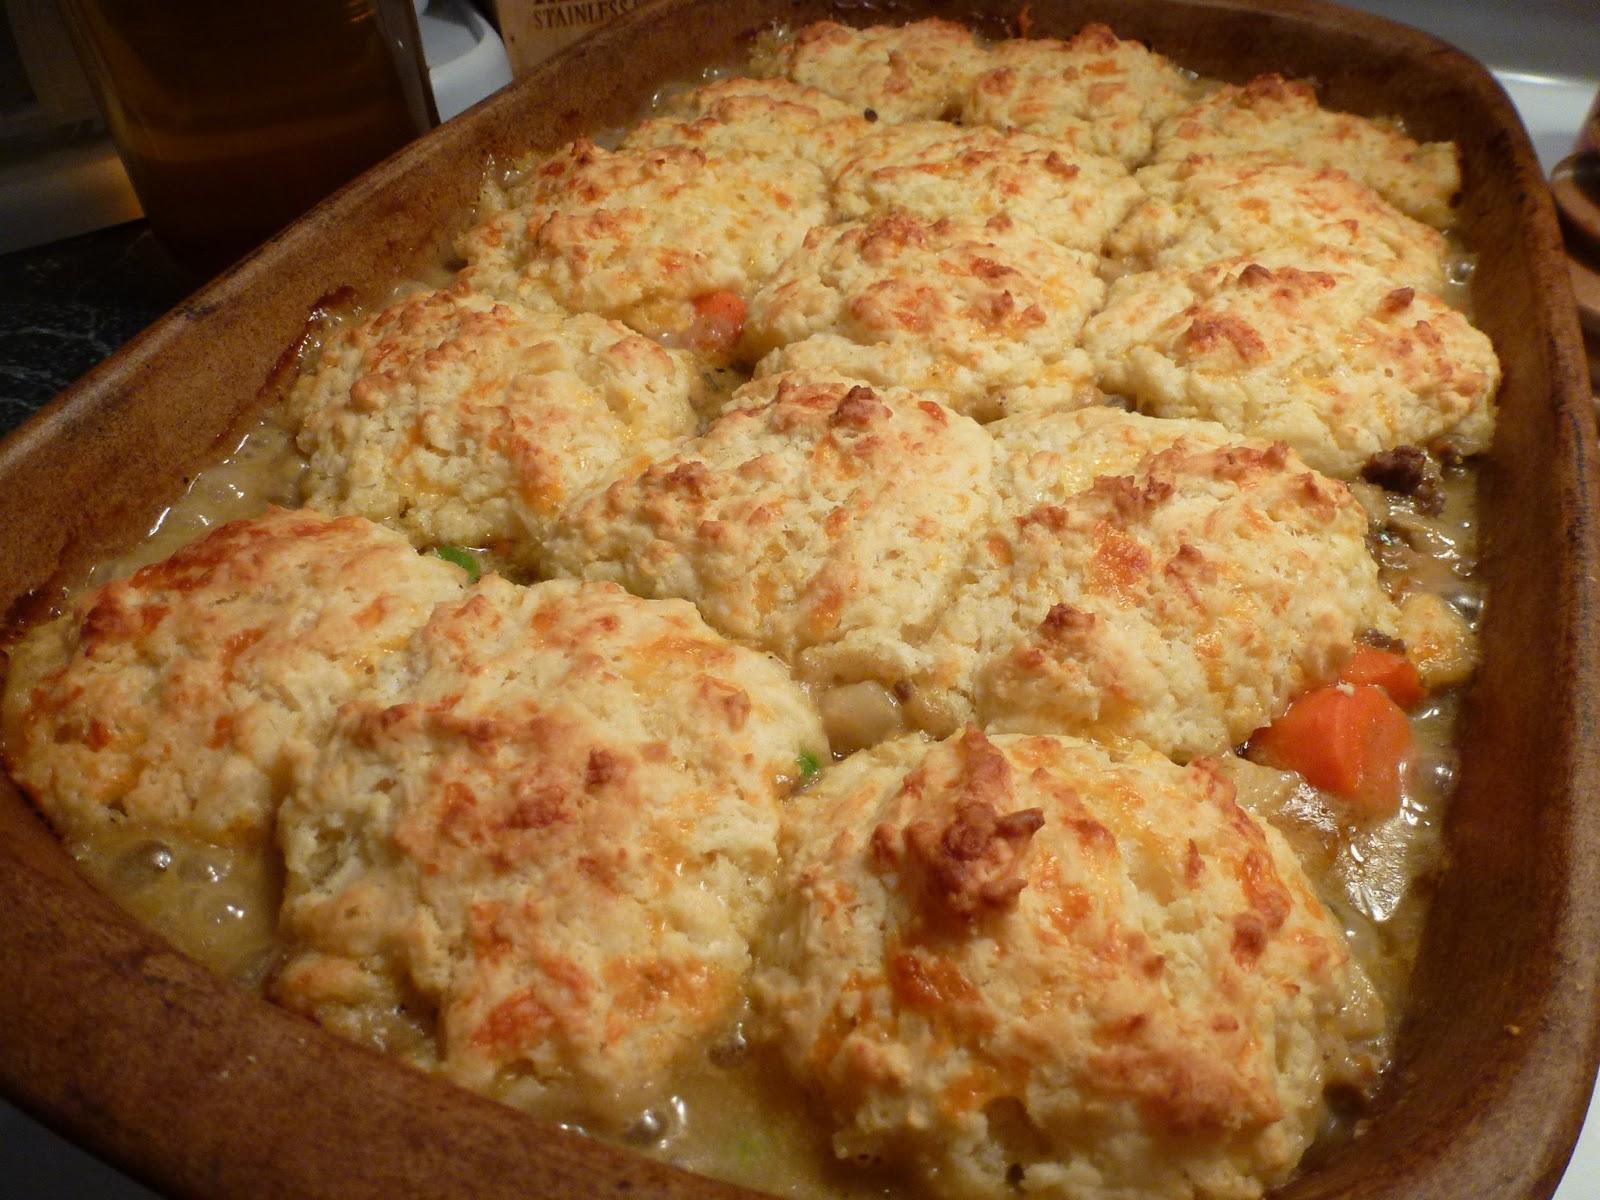 Cheddar S Scratch Kitchen Chicken Pot Pie Recipe